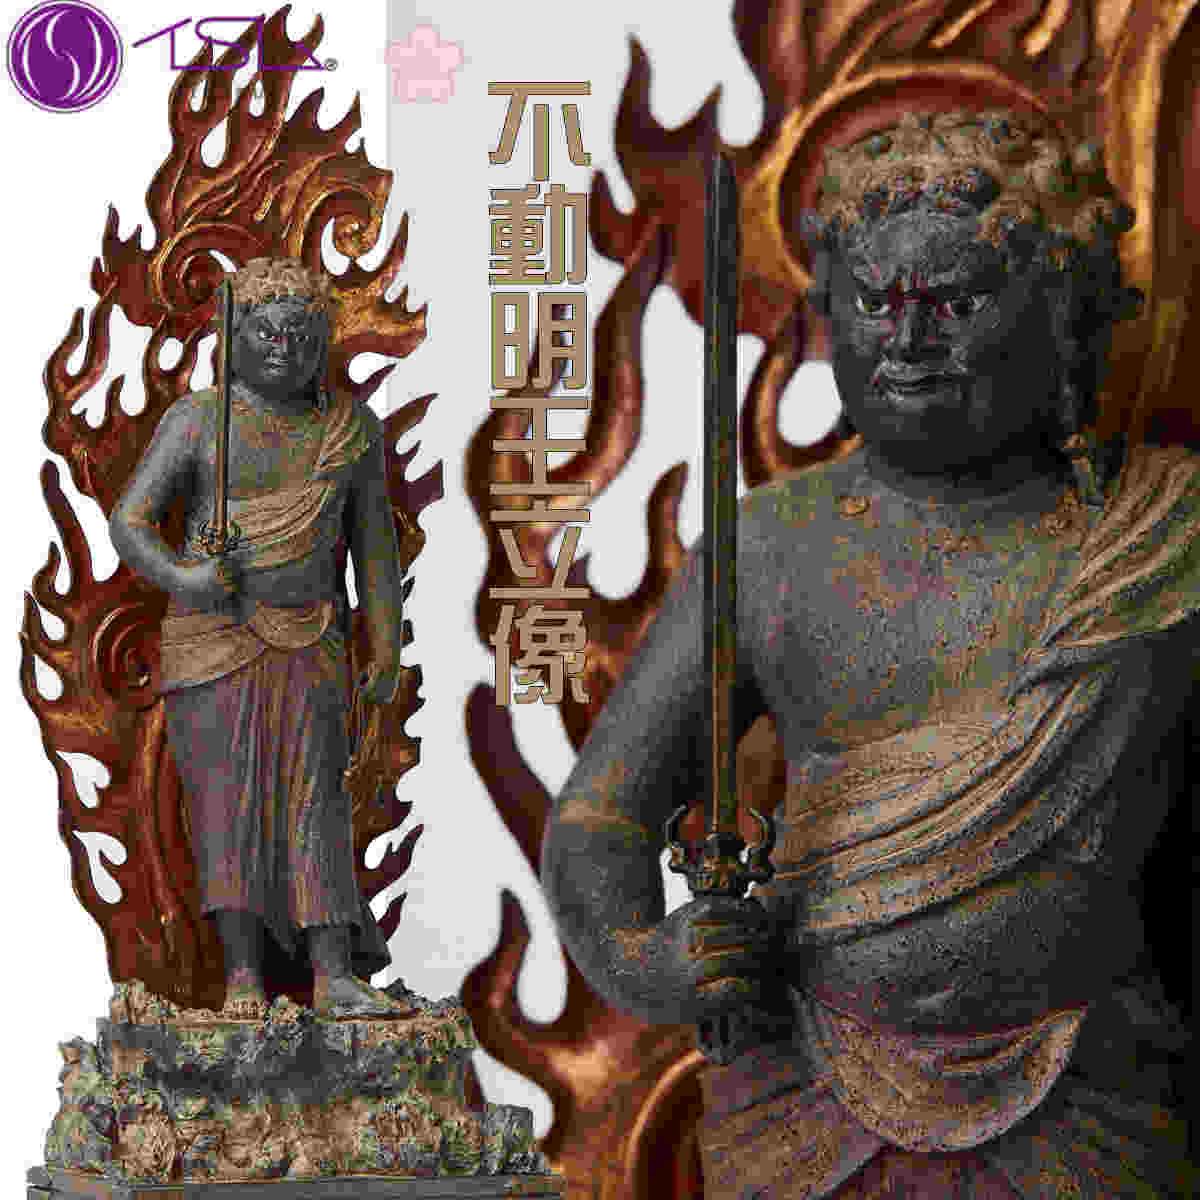 不動明王立像 | ふどうみょうおう | 約208(H)×85(W)×50(D)mm 265g | イスム TanaCOCORO 掌 | 仏像 | イSム